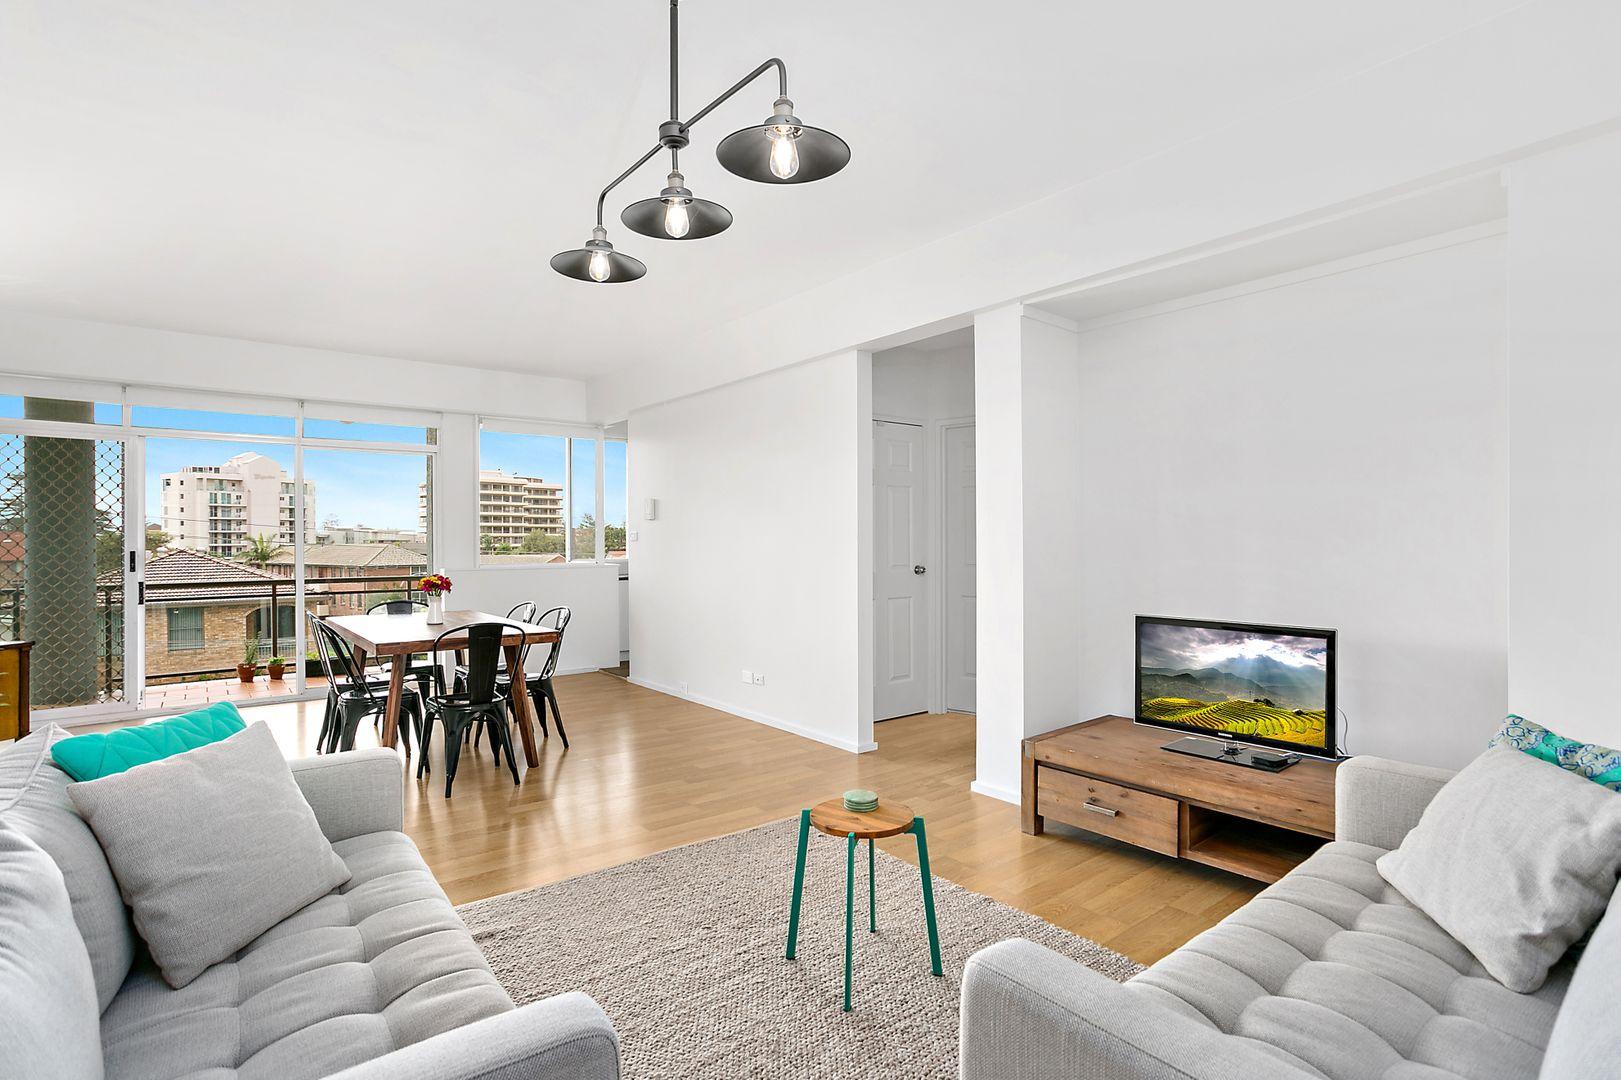 7/72-74 Corrimal Street, Wollongong NSW 2500, Image 0